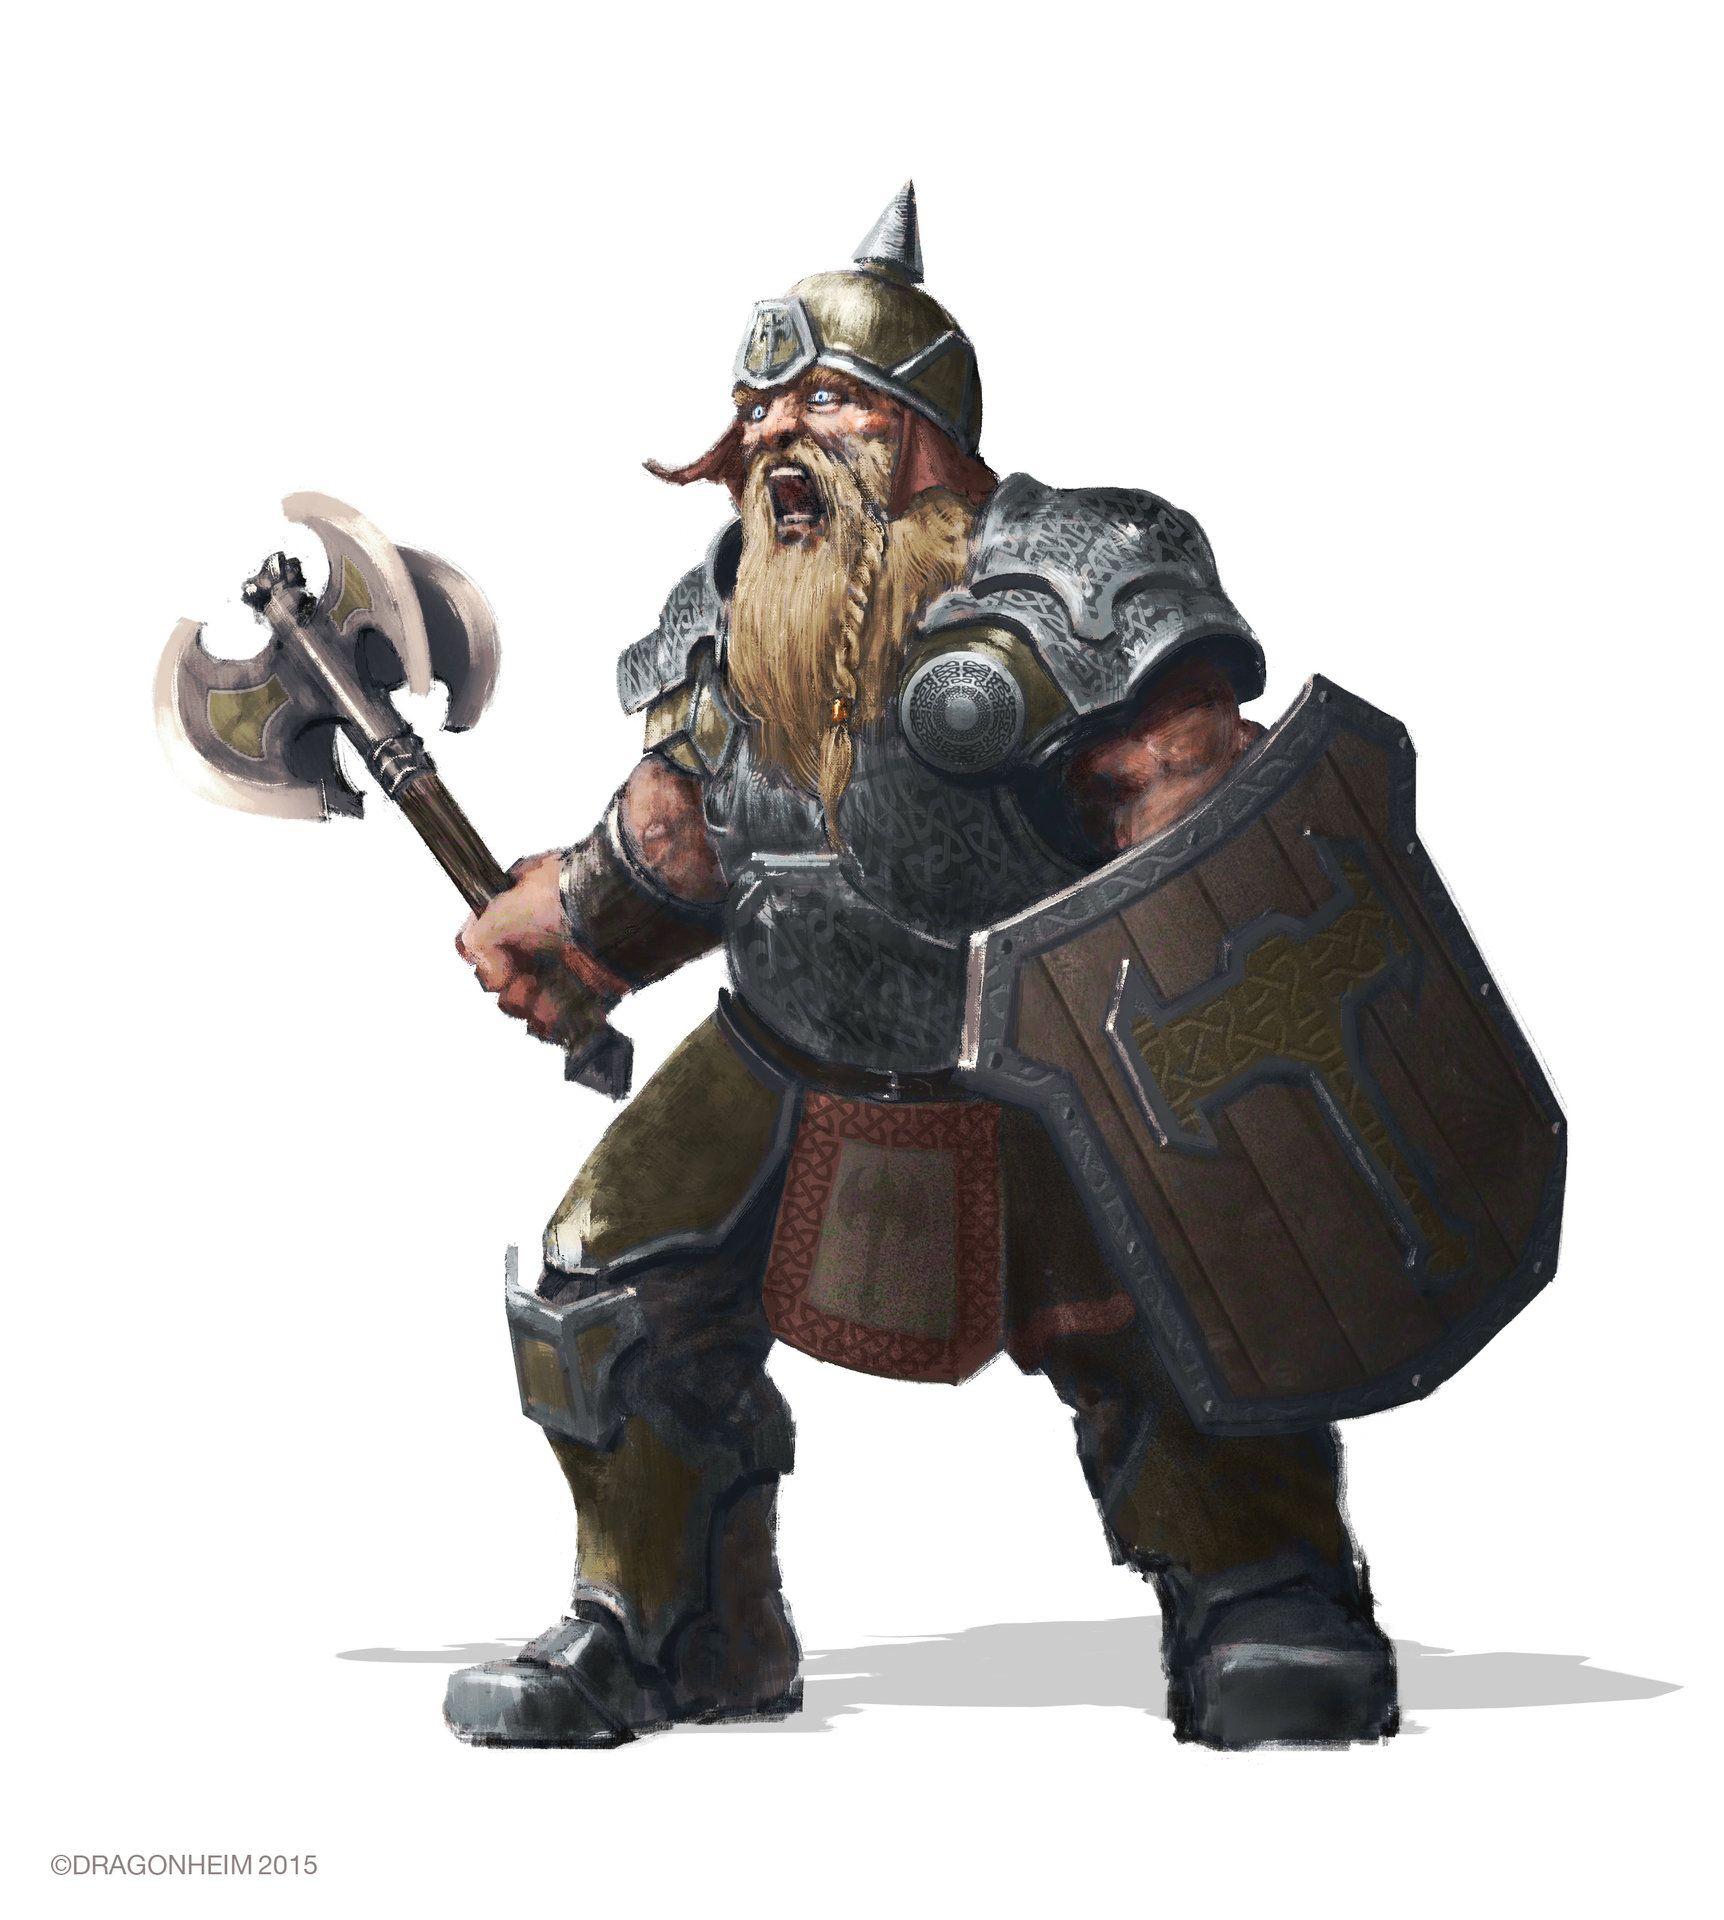 ArtStation - Dwarf Warrior for Dragonheim RPG, Felix Ortiz